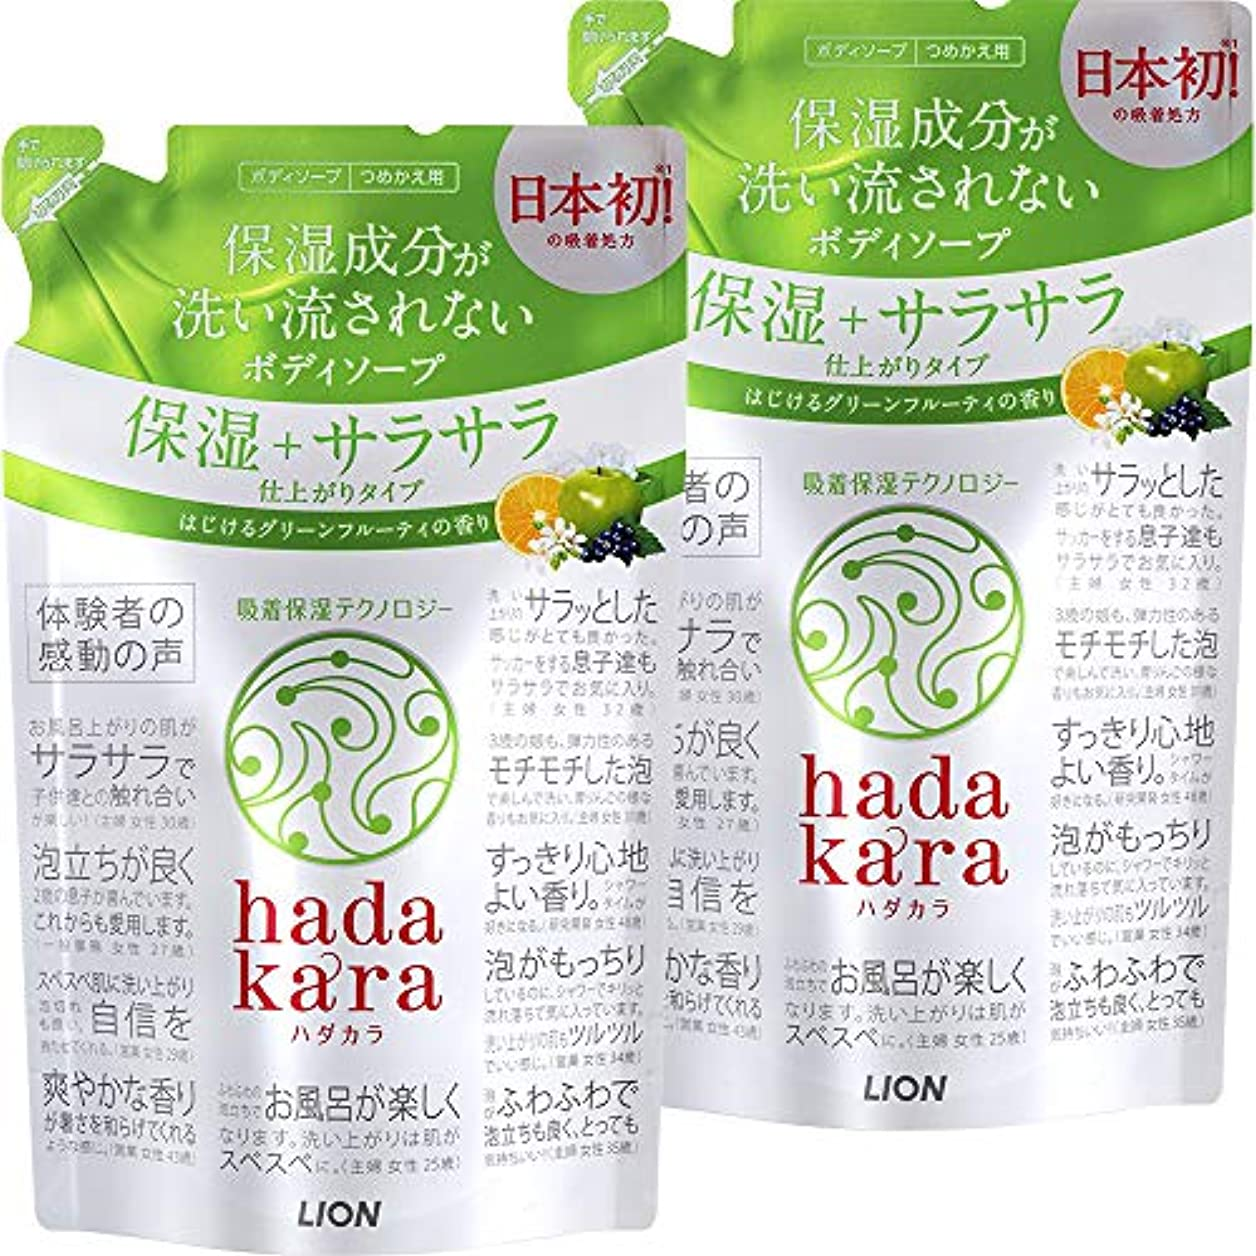 部分指定賛辞【まとめ買い】hadakara(ハダカラ) ボディソープ 保湿+サラサラ仕上がりタイプ グリーンフルーティの香り 詰め替え 340ml×2個パック